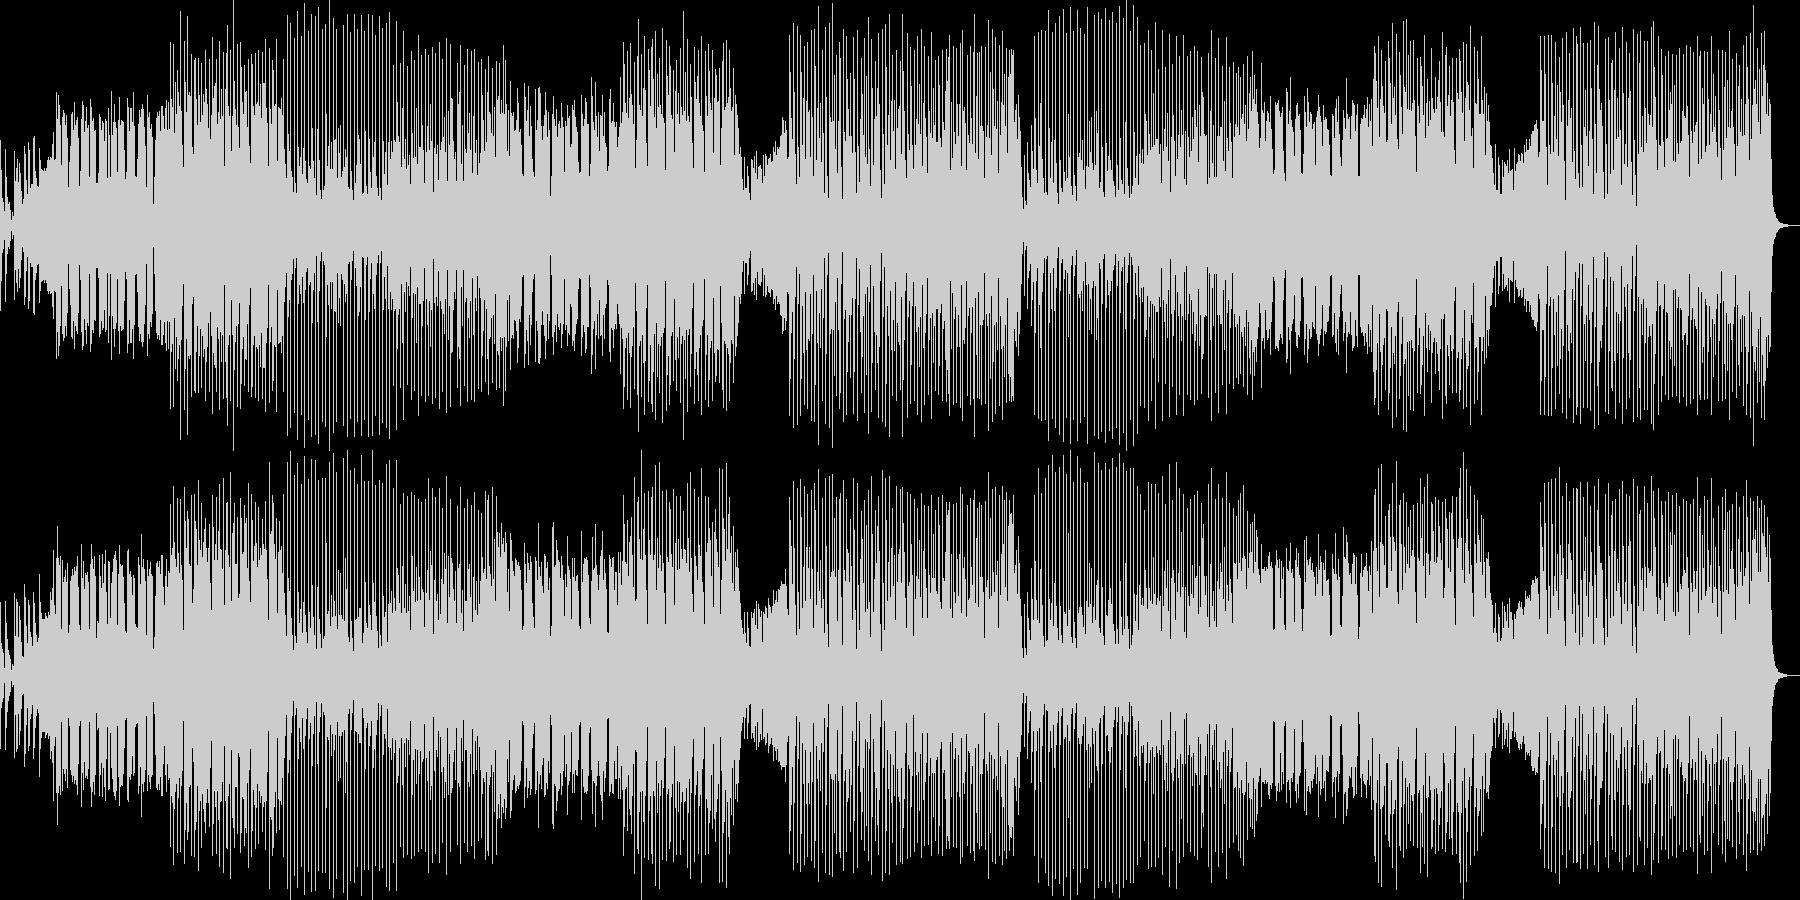 クラブ系ダンスミュージック/EDMの未再生の波形